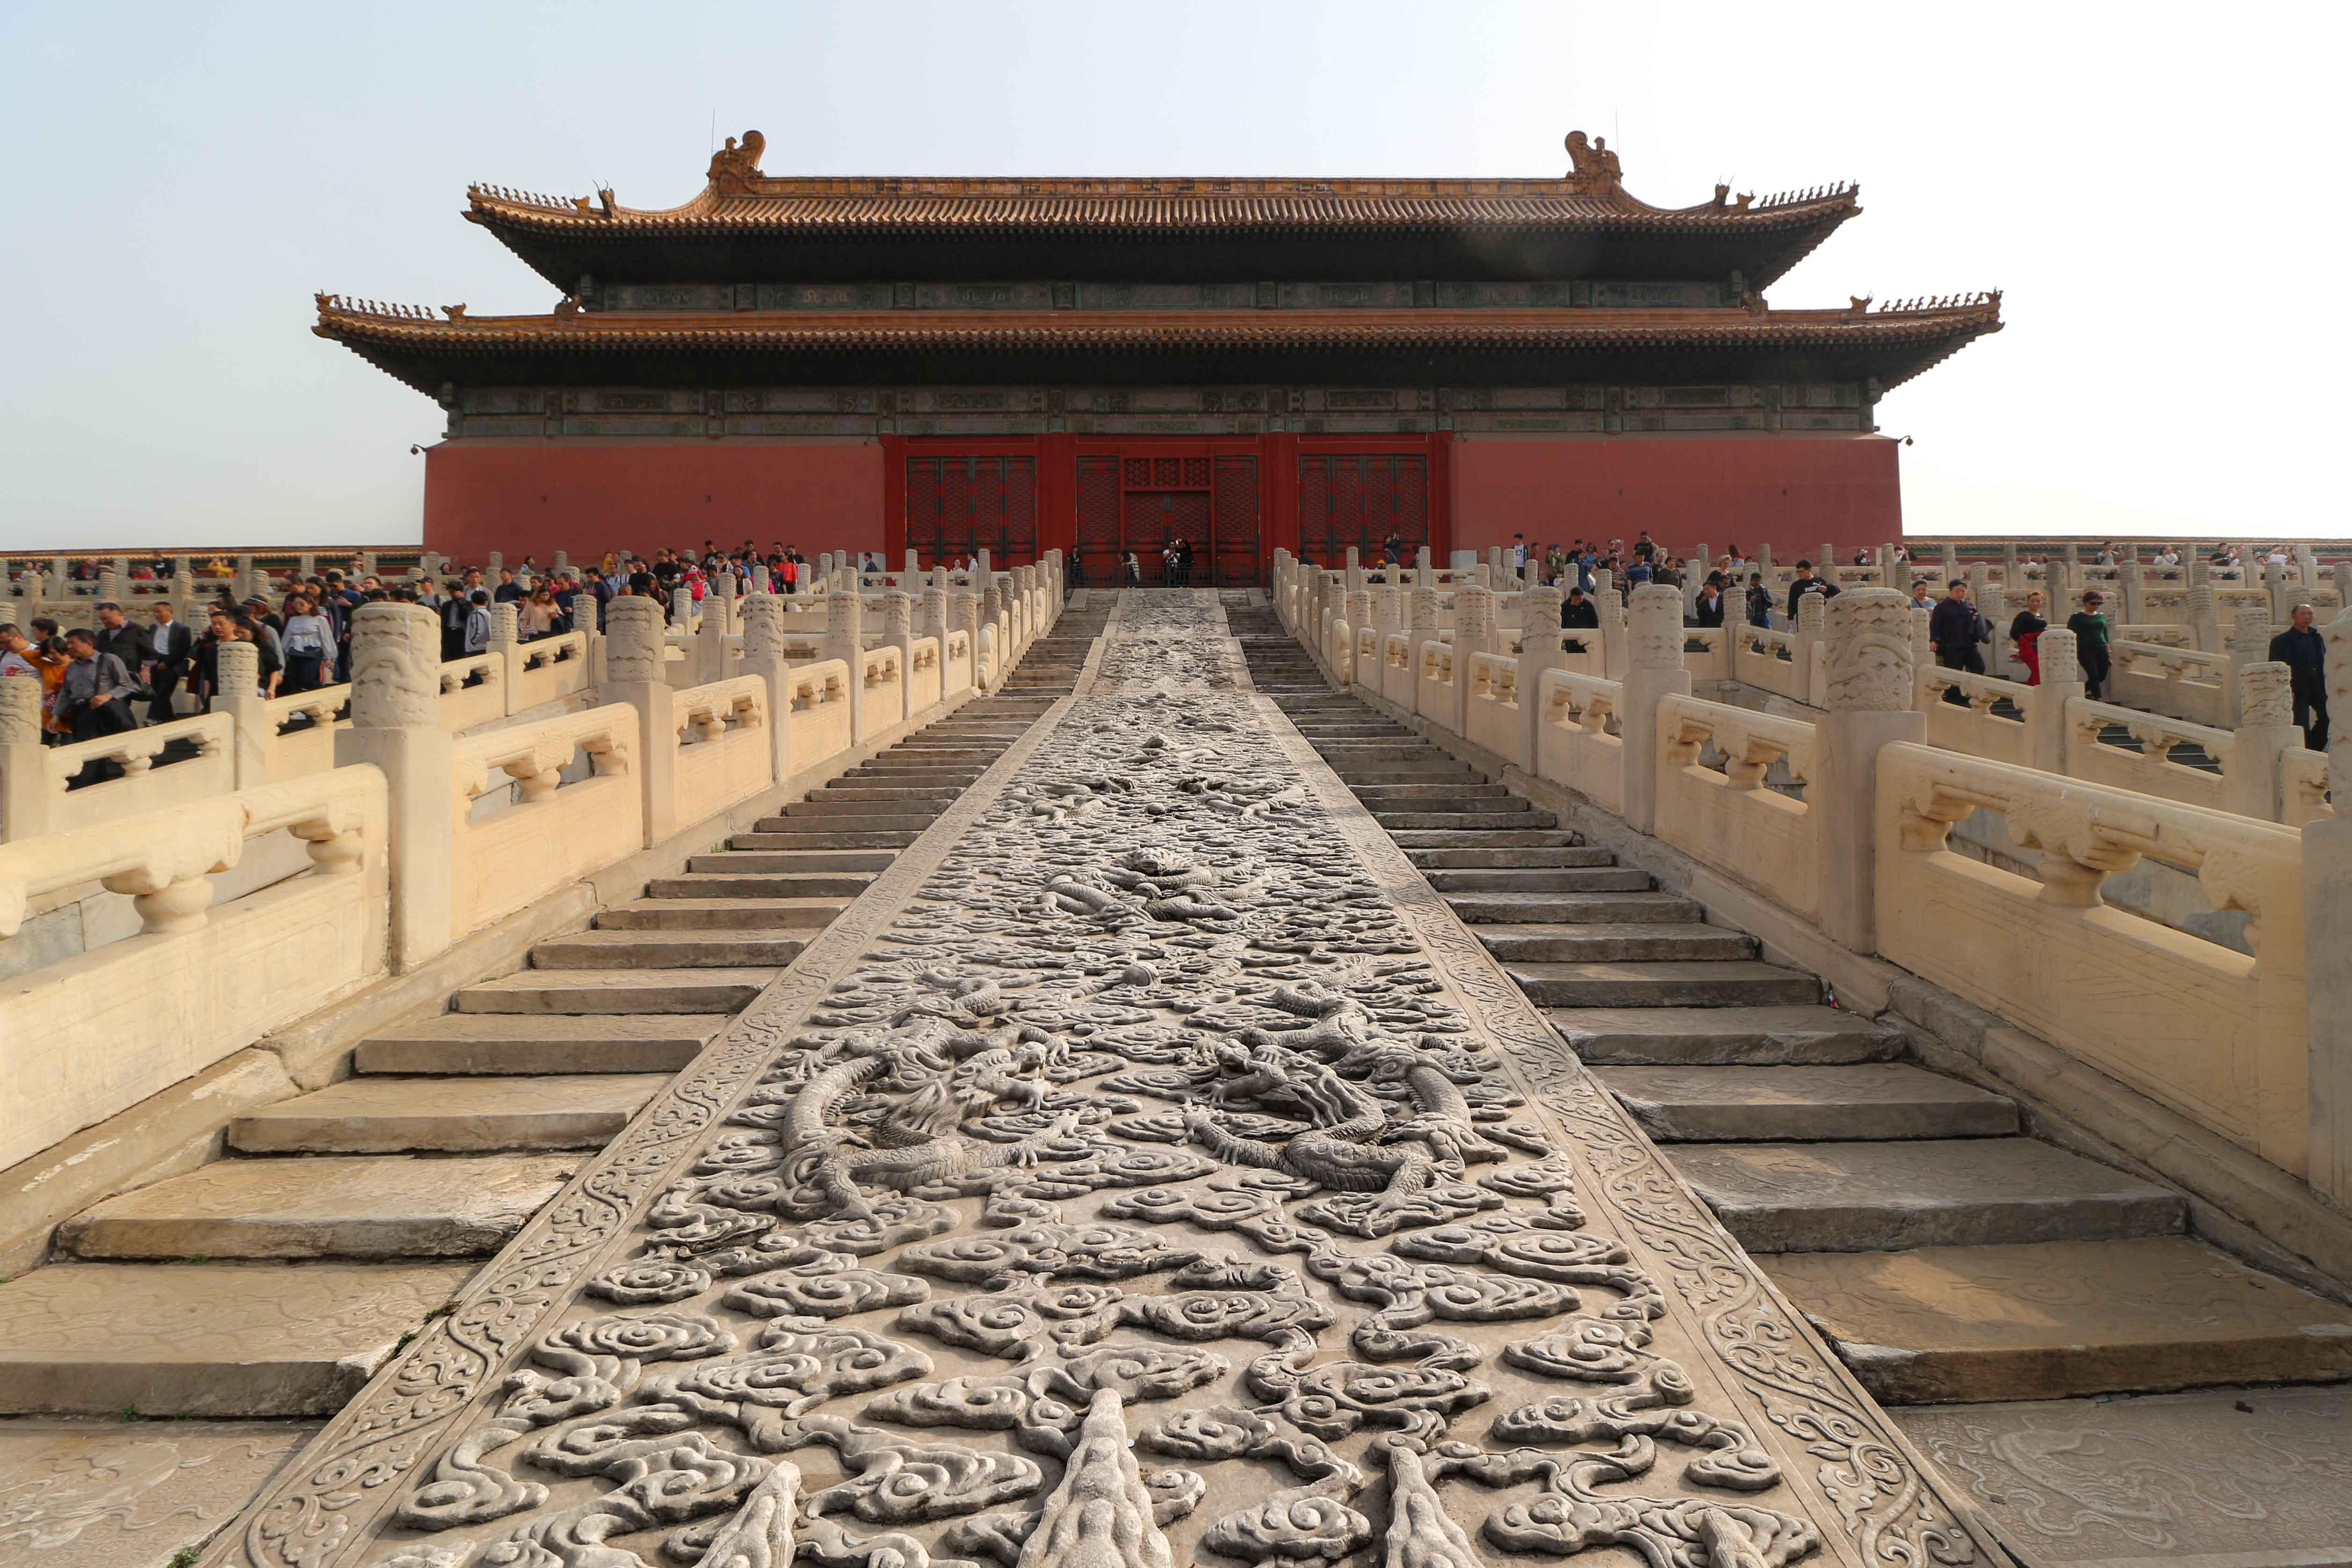 Marble carving in forbidden city Beijing